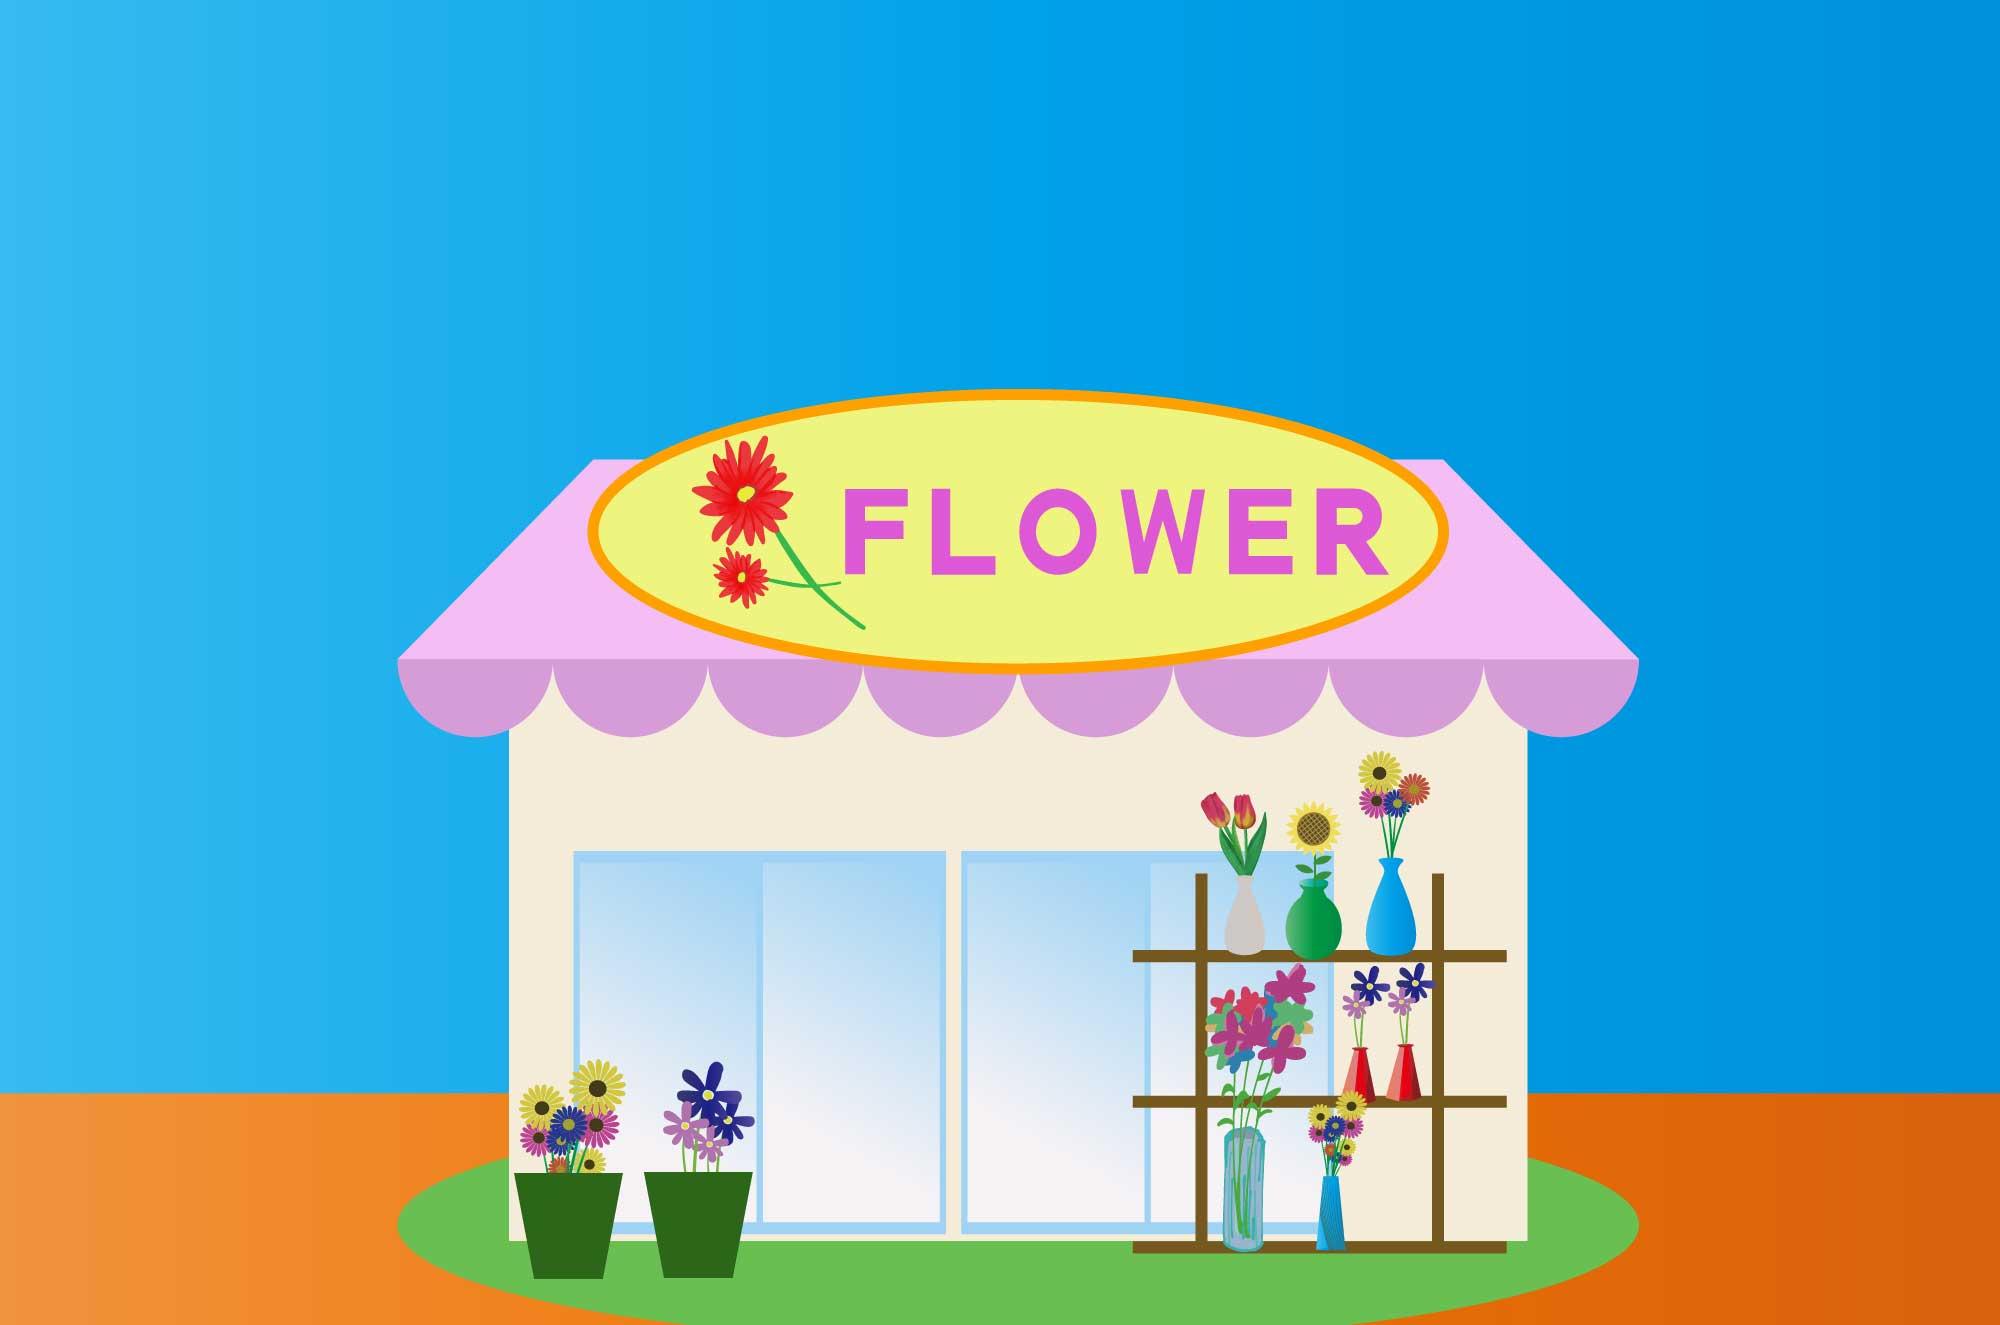 花屋の無料イラスト - フラワーショップの建物素材